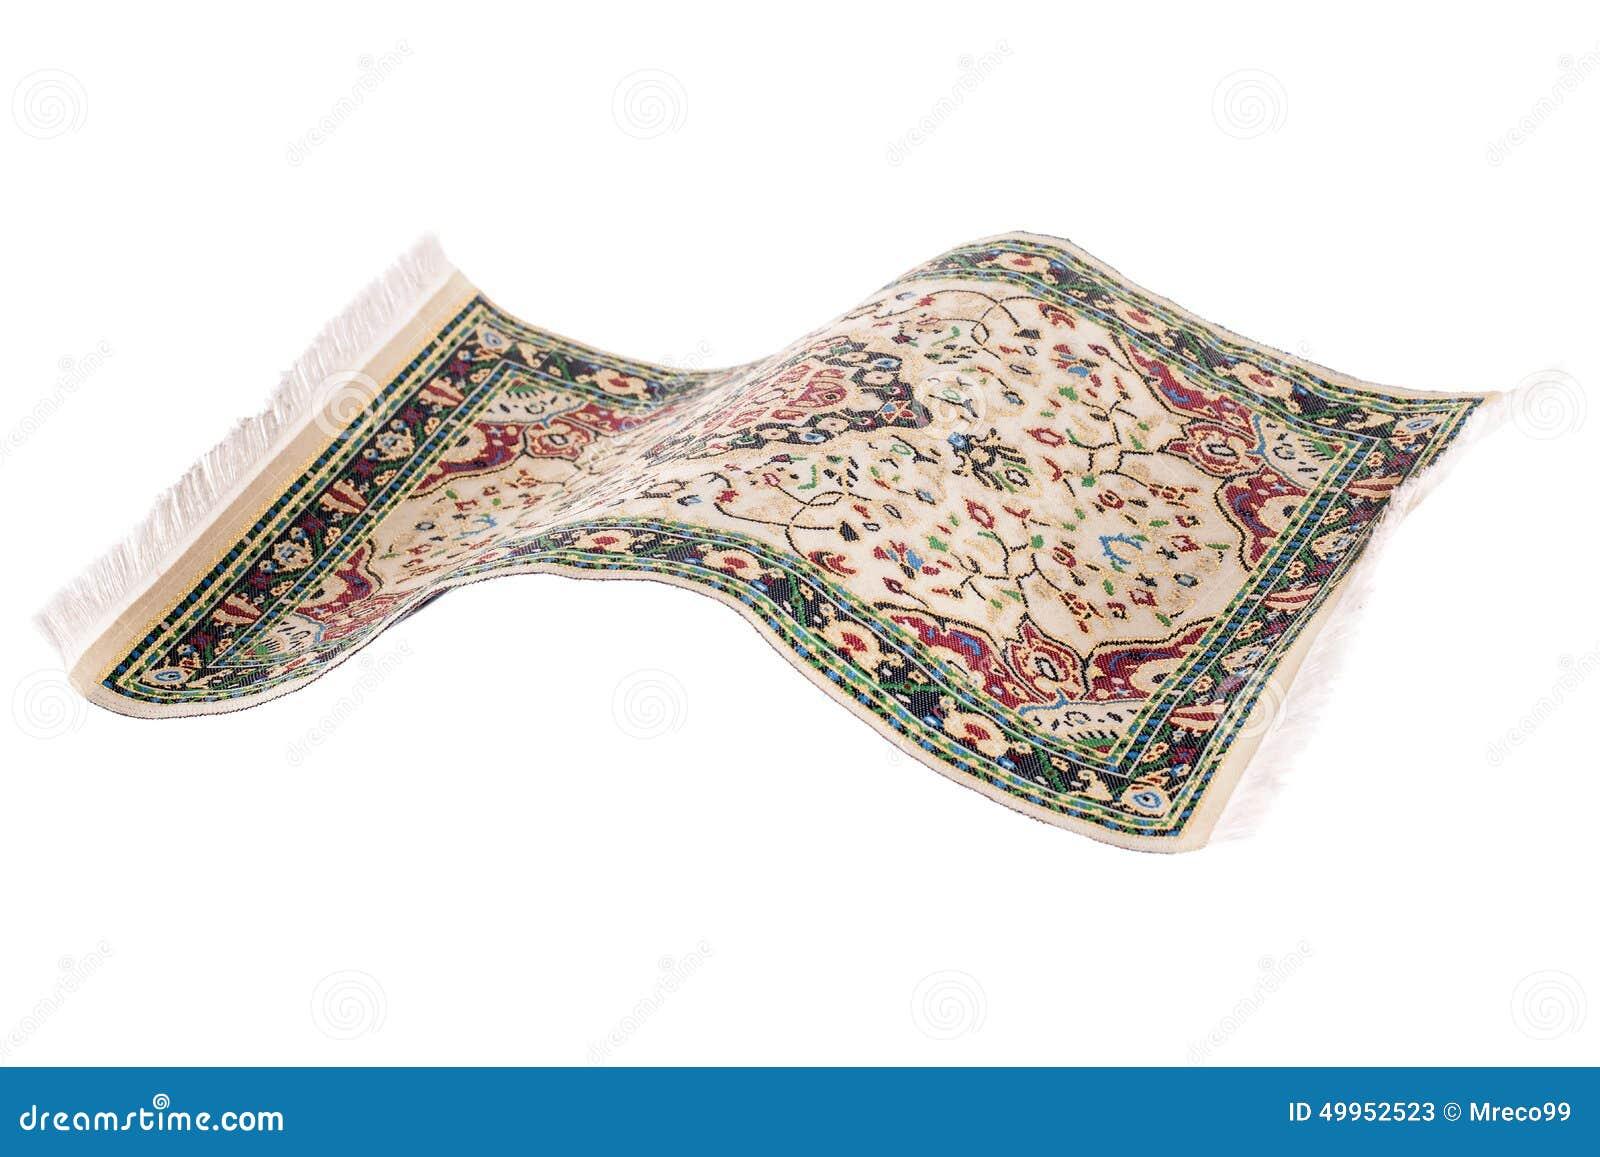 Flying Magic Carpet Isolated Stock Photo Image 49952523